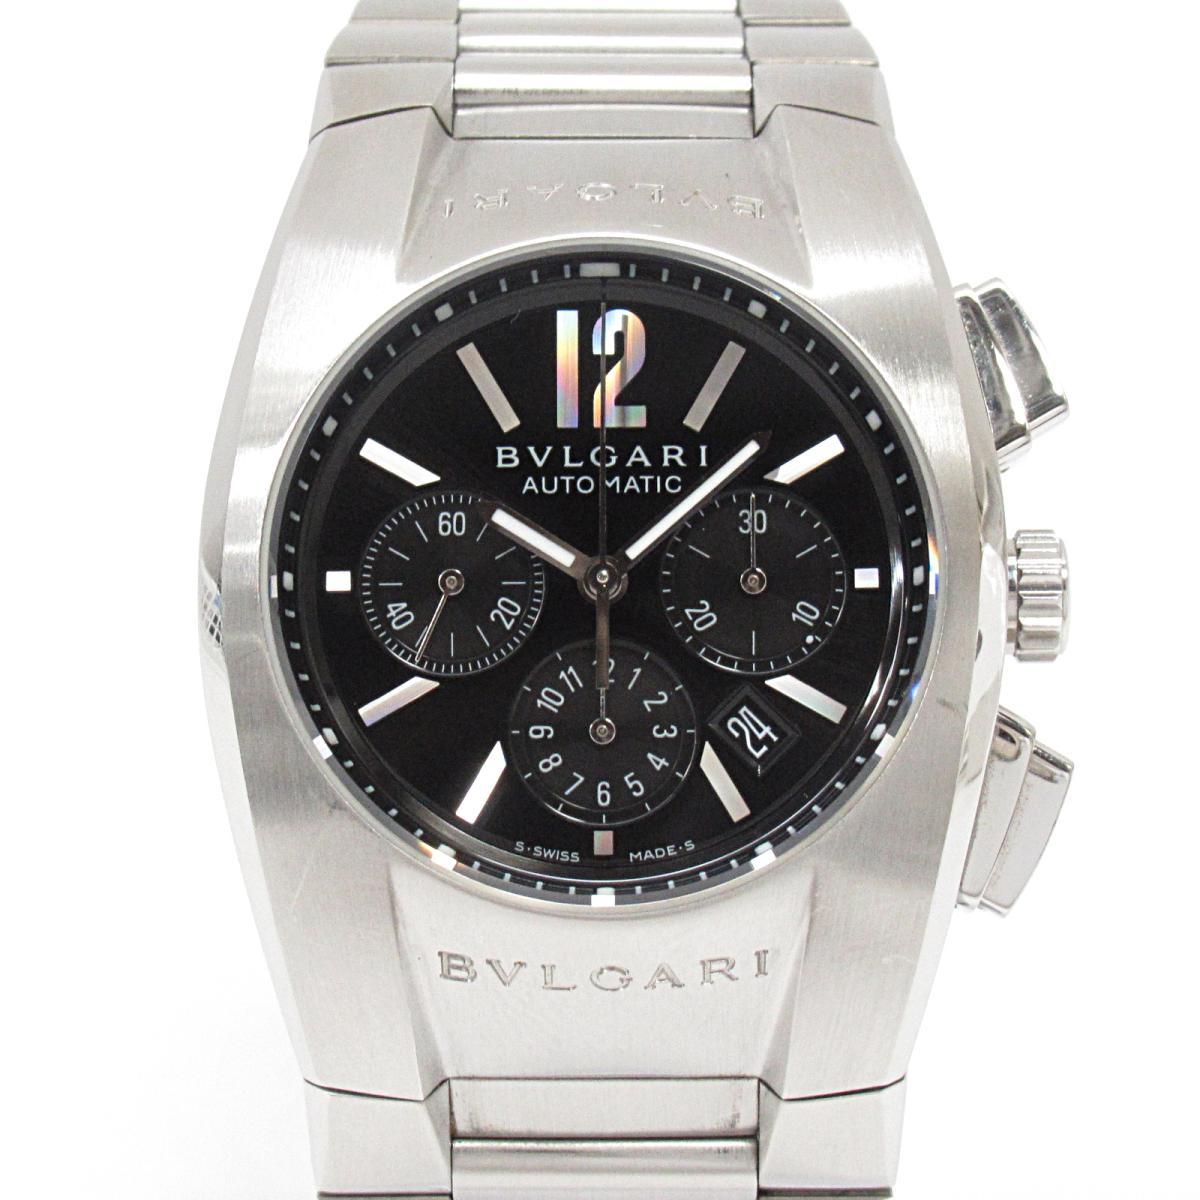 【中古】 ブルガリ エルゴン クロノグラフ 腕時計 ウォッチ メンズ レディース ステンレススチール (SS) (EG35SCH) | BVLGARI BRANDOFF ブランドオフ ボーイズ ブランド ブランド時計 ブランド腕時計 時計